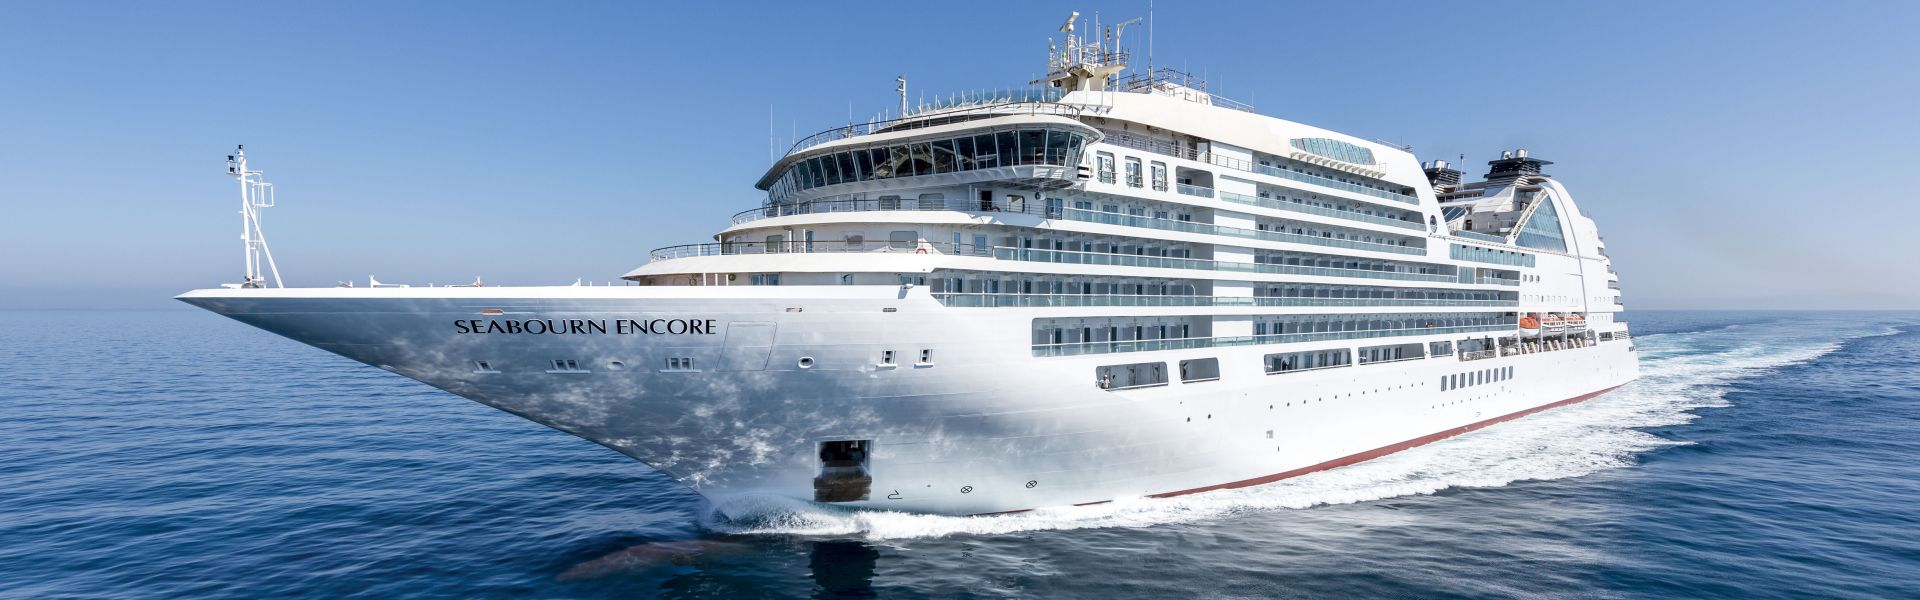 Croaziera 2017 - Asia de sud si Australia ( Singapore ) - Seabourn - Seabourn Encore - 24 nopti